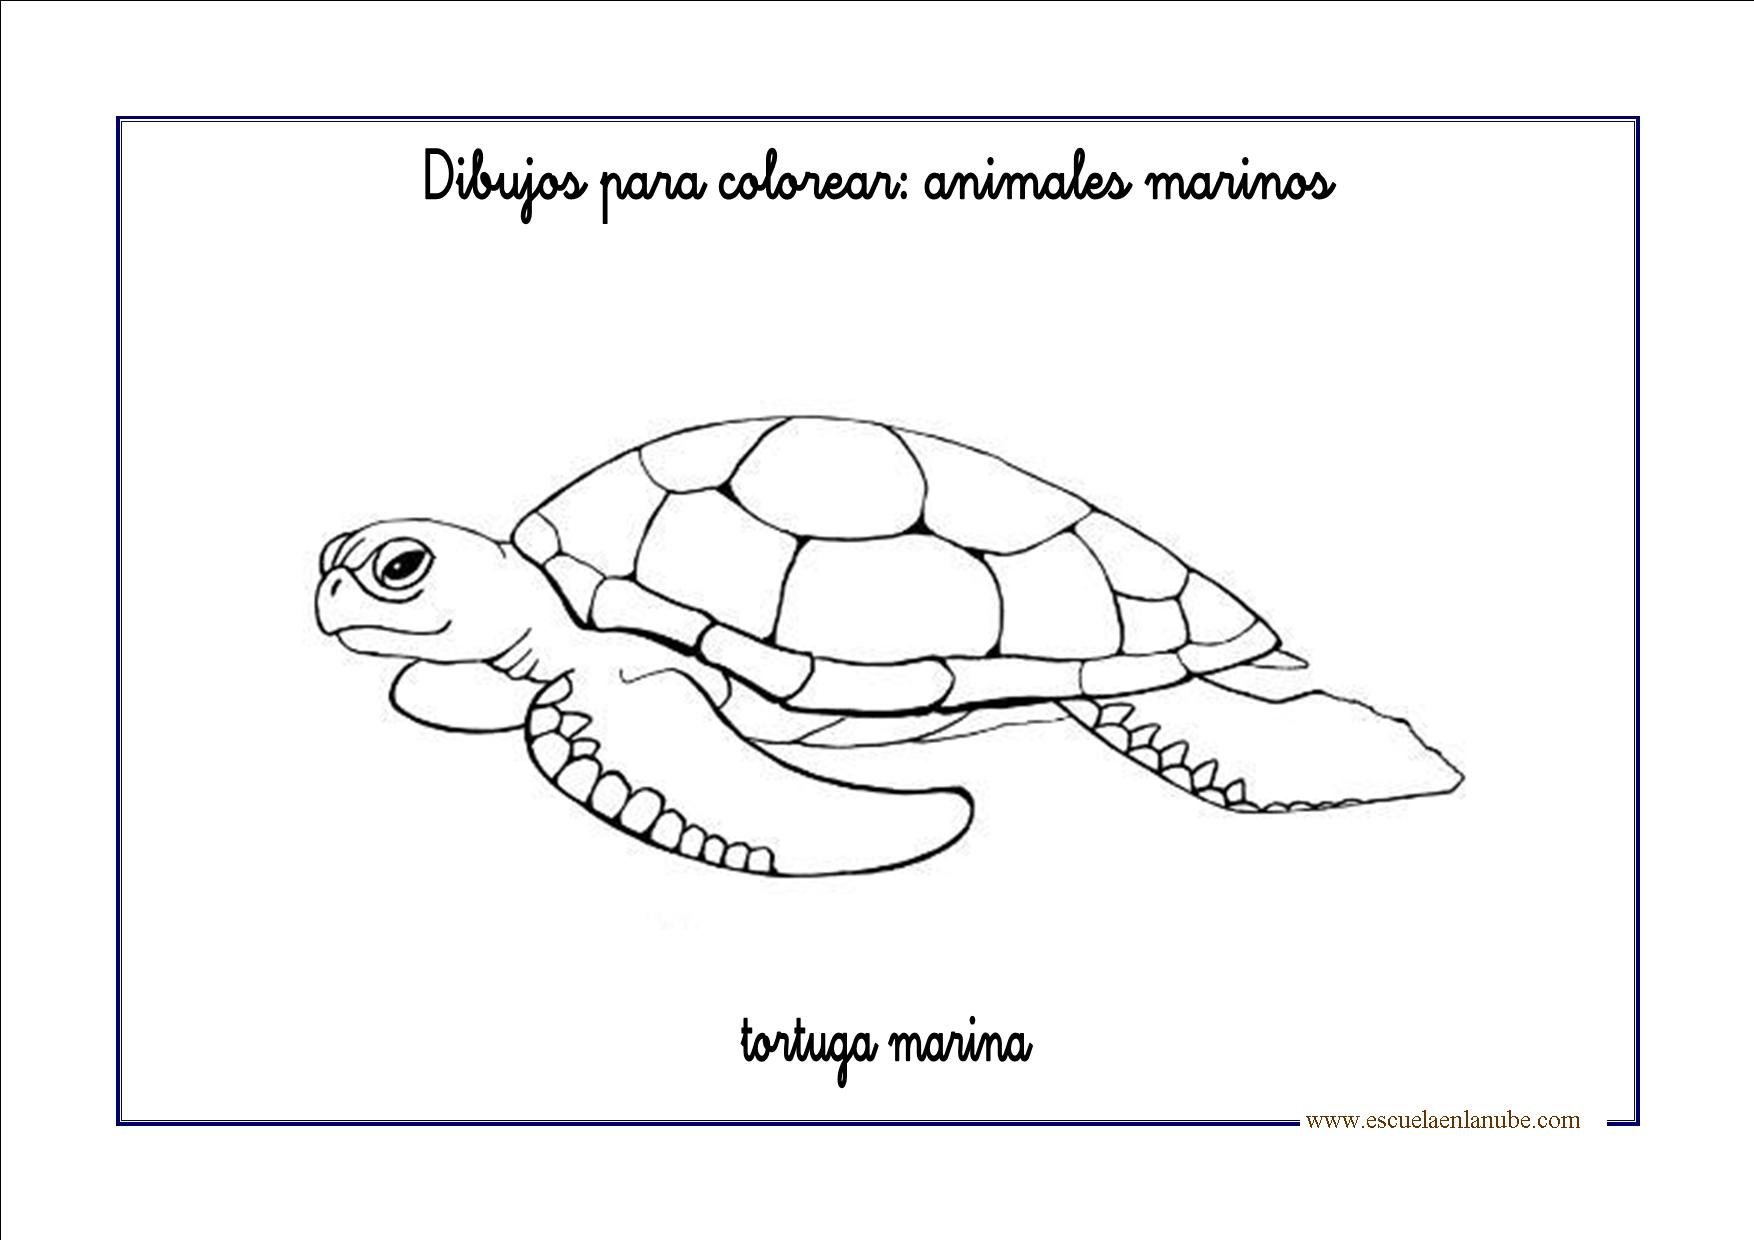 DEibujos para colorear: Animales marinos